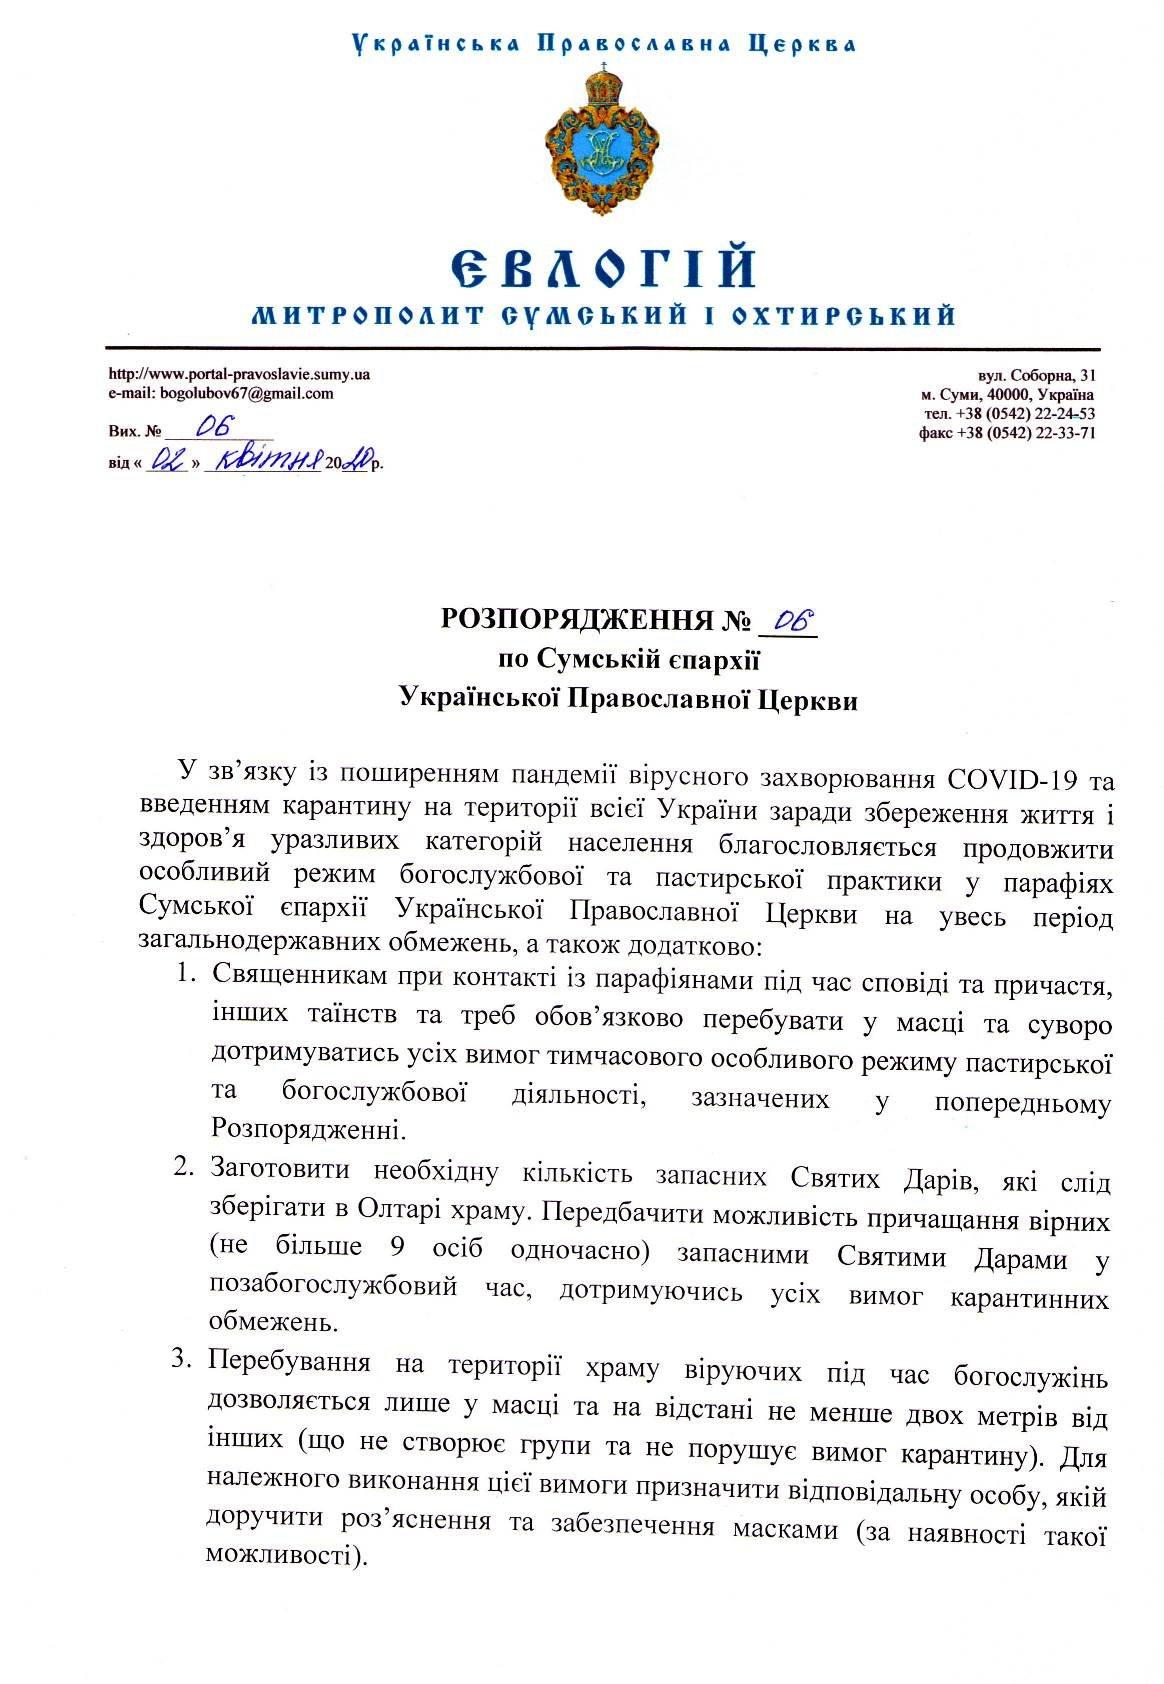 Церковне життя в умовах карантину: Сумський митрополит Євлогій видав нове розпорядження , фото-1